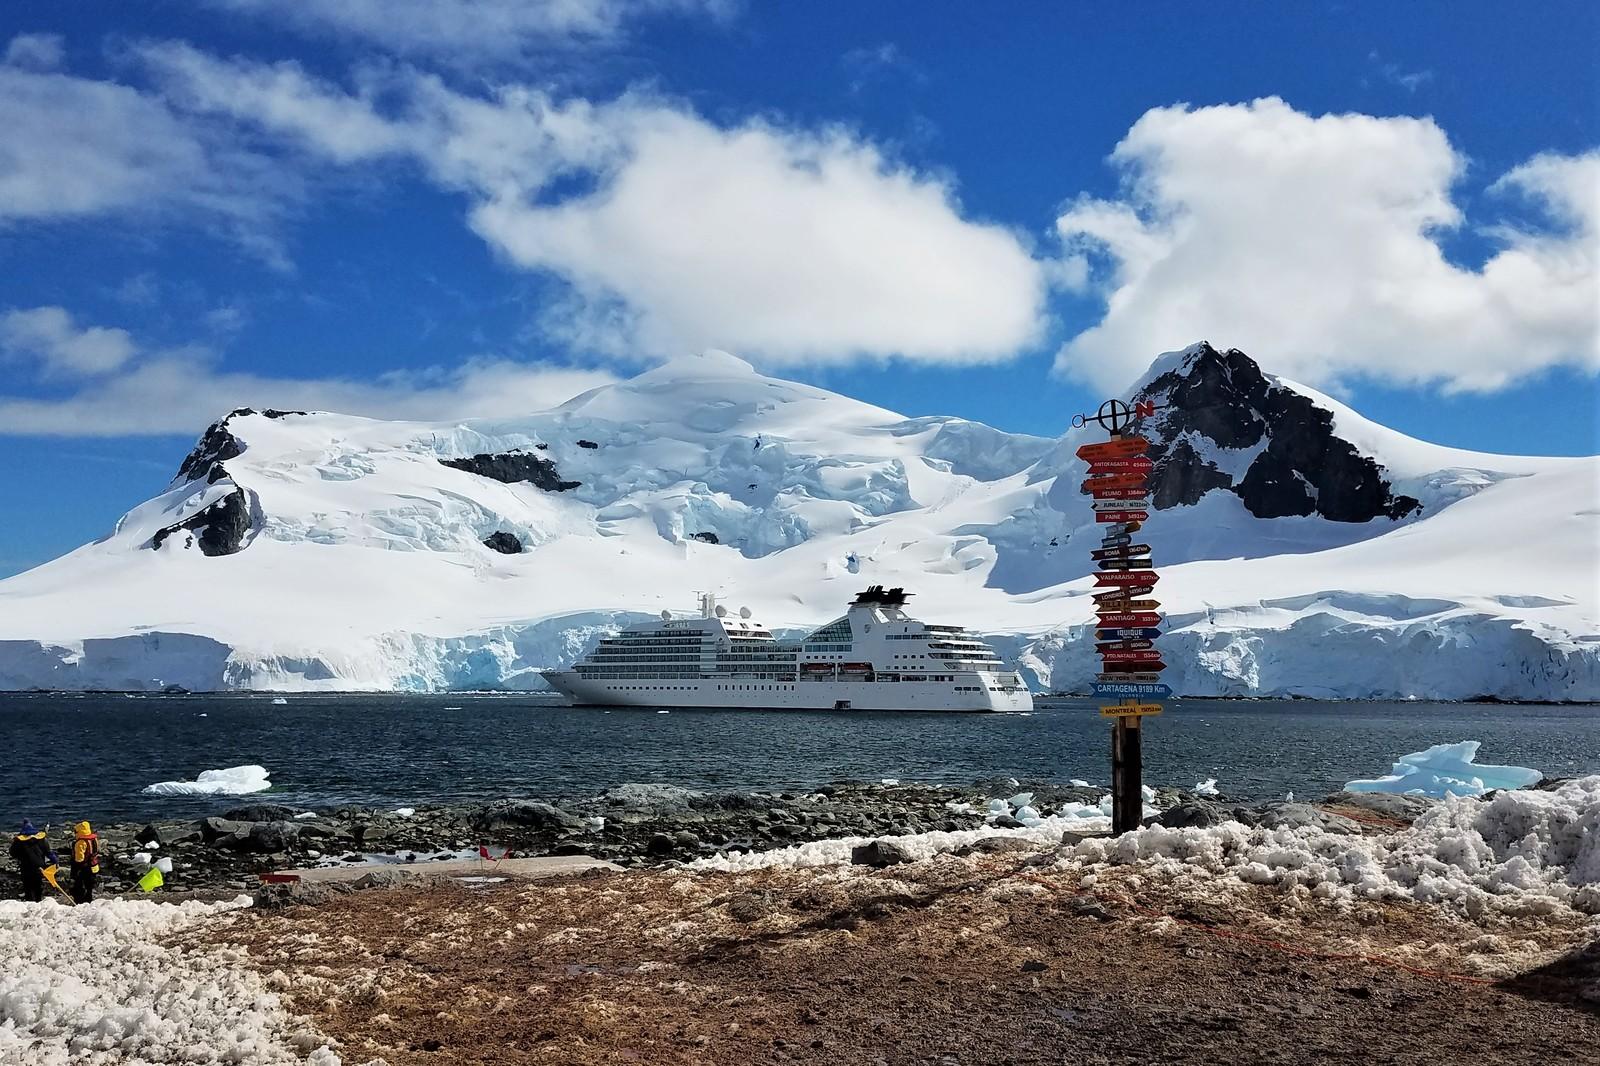 как выглядит антарктида фото коллекция демонстрирует порядка